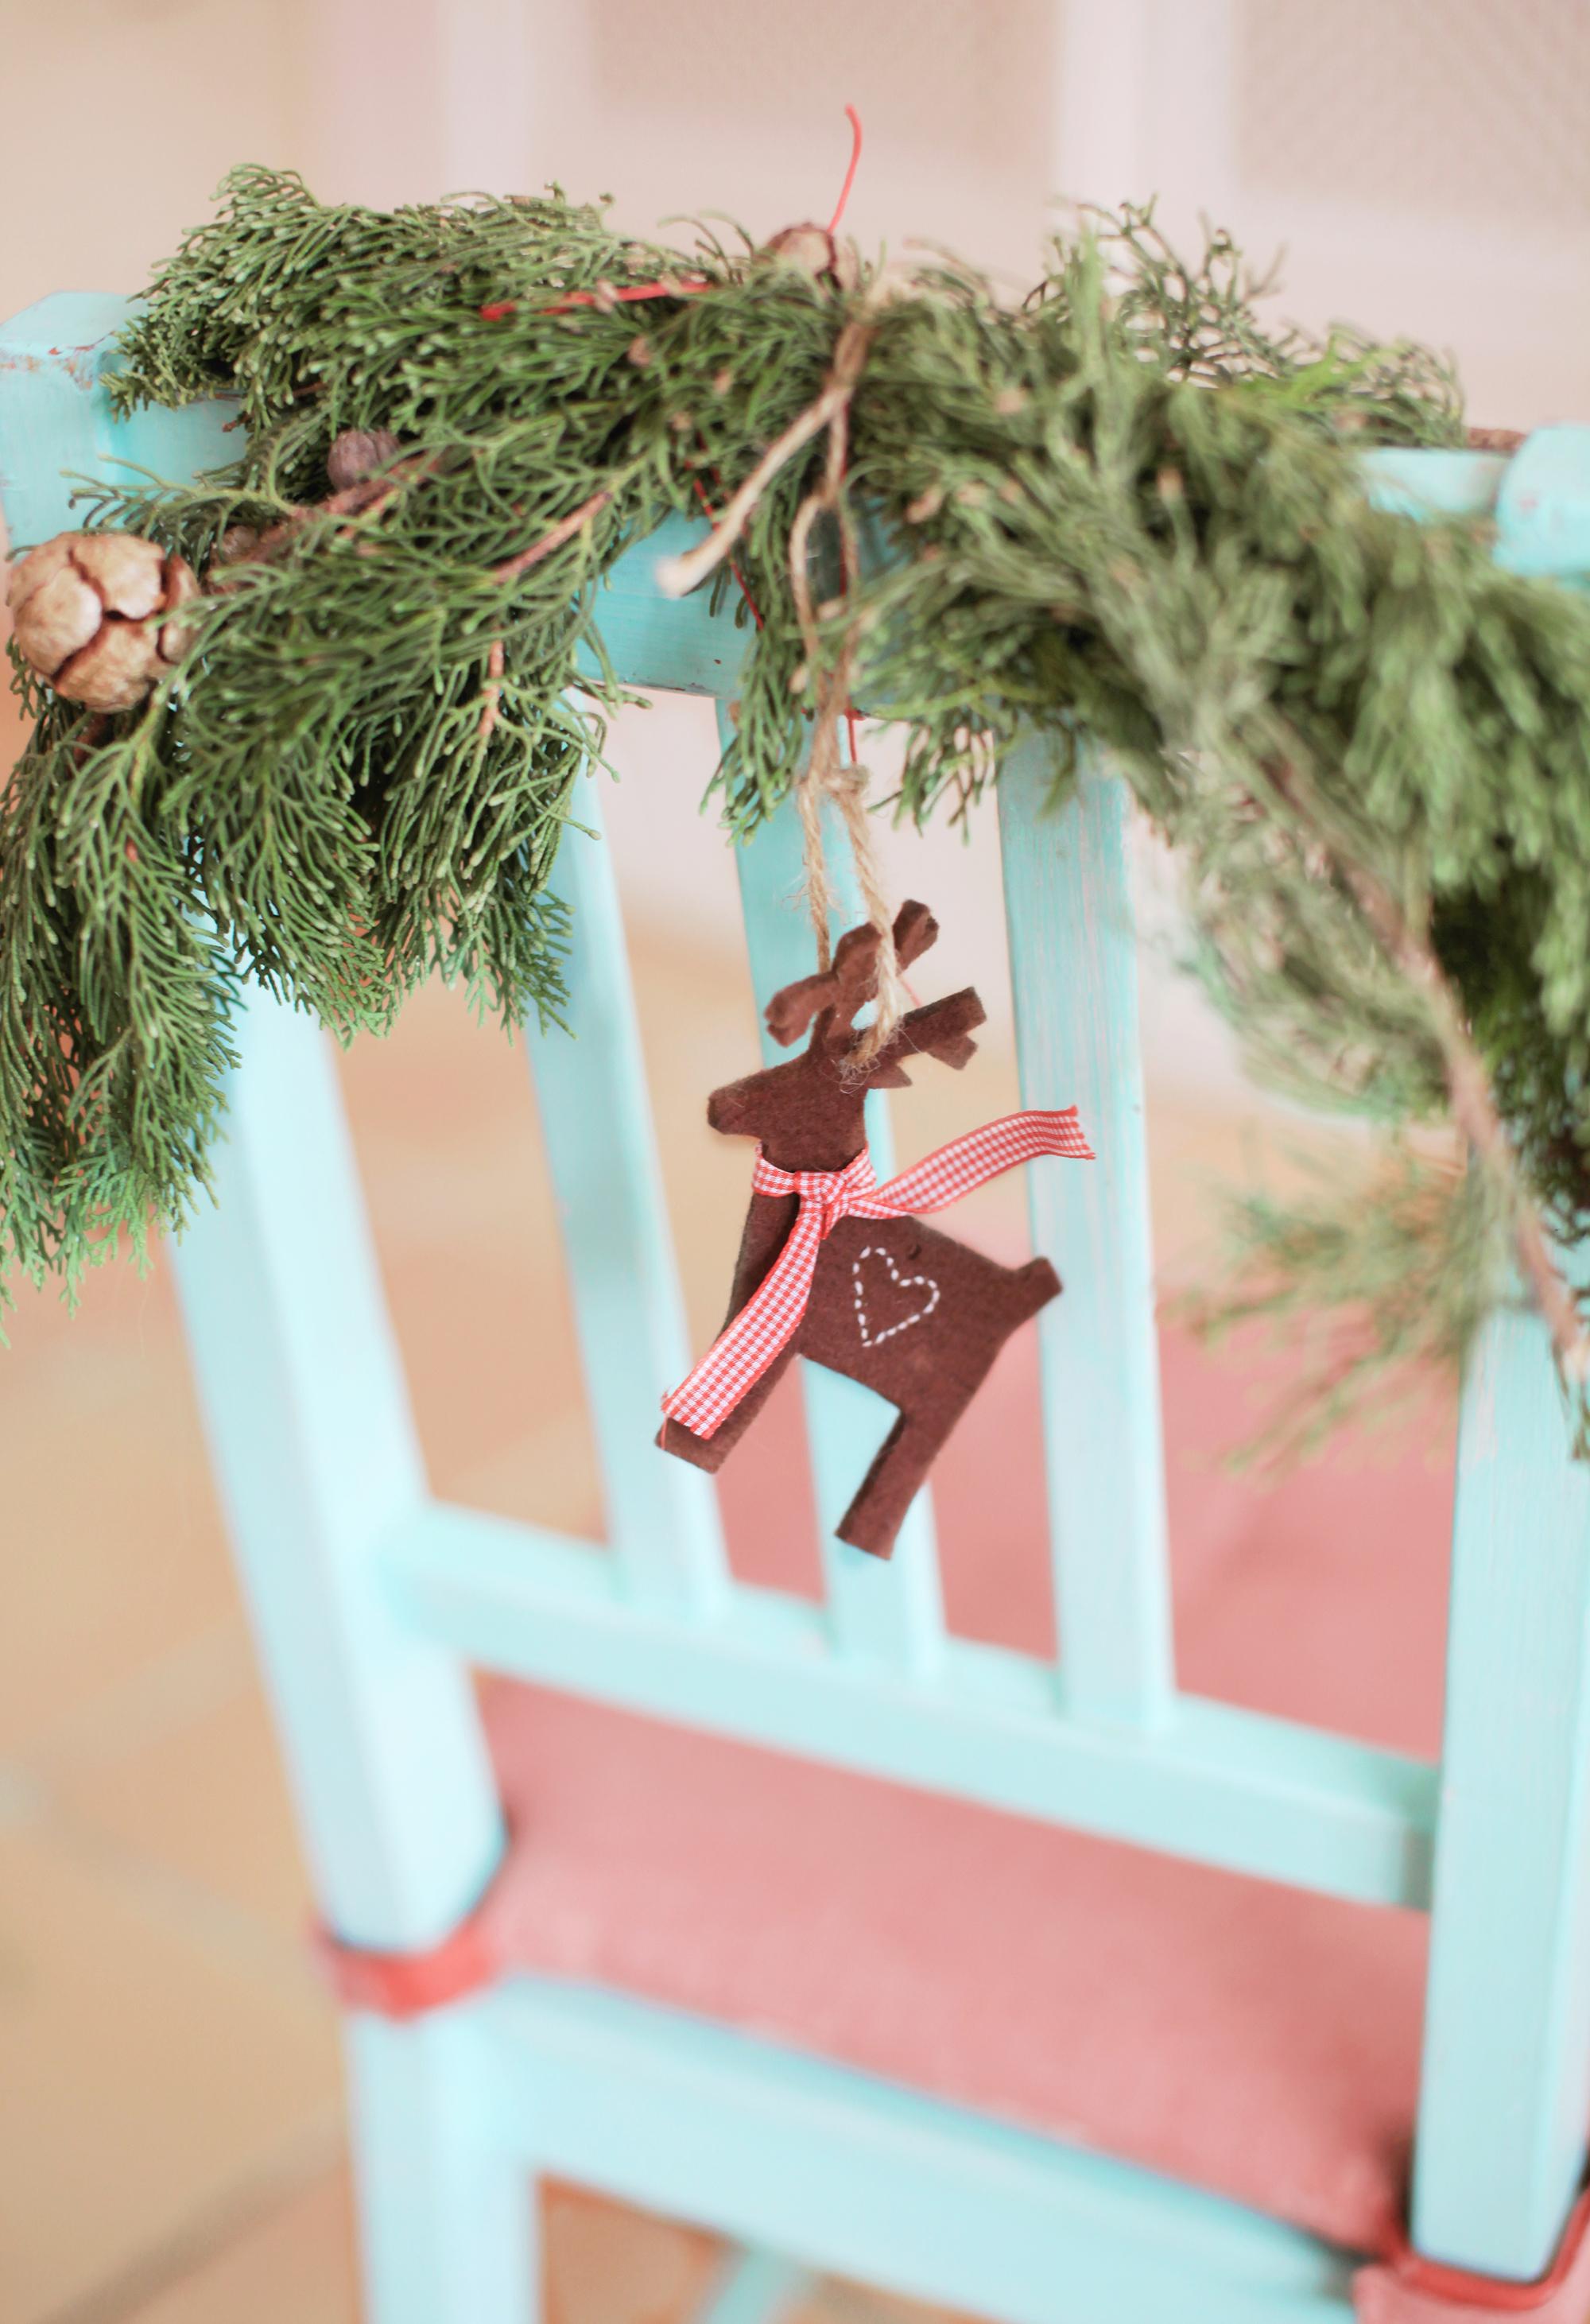 Christmas Tasks On Airtasker | Airtasker Blog